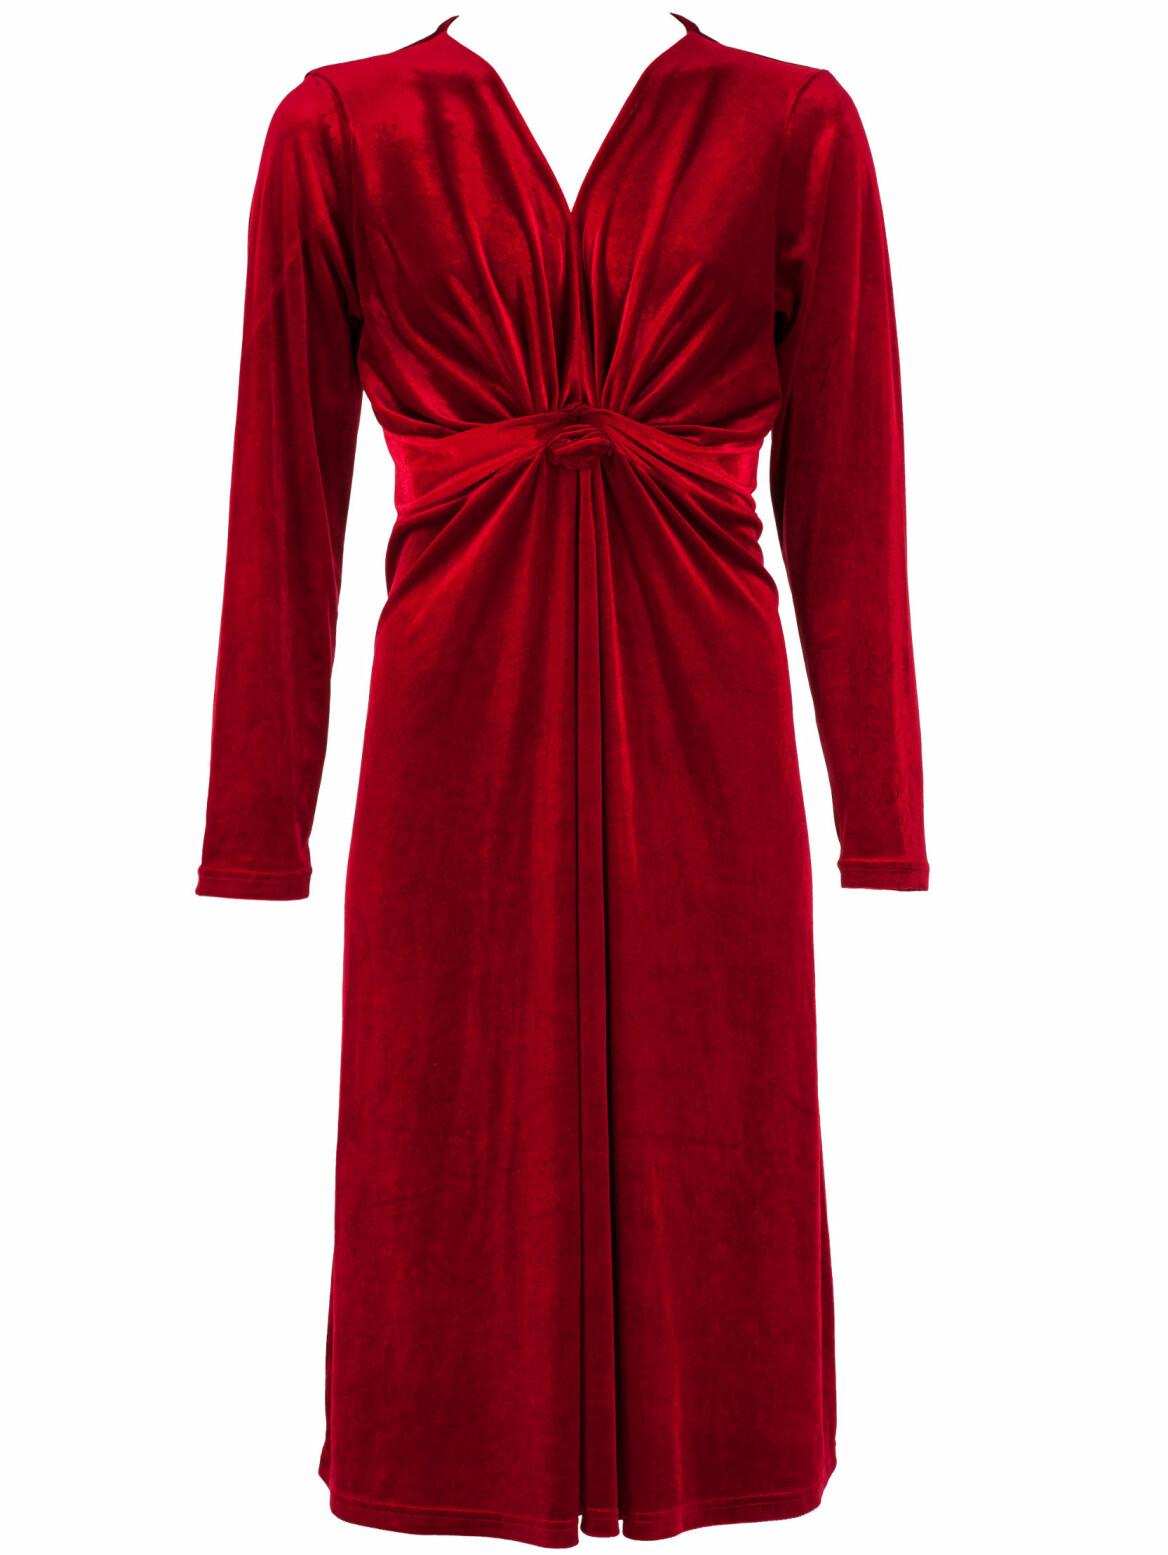 Röd klänning.